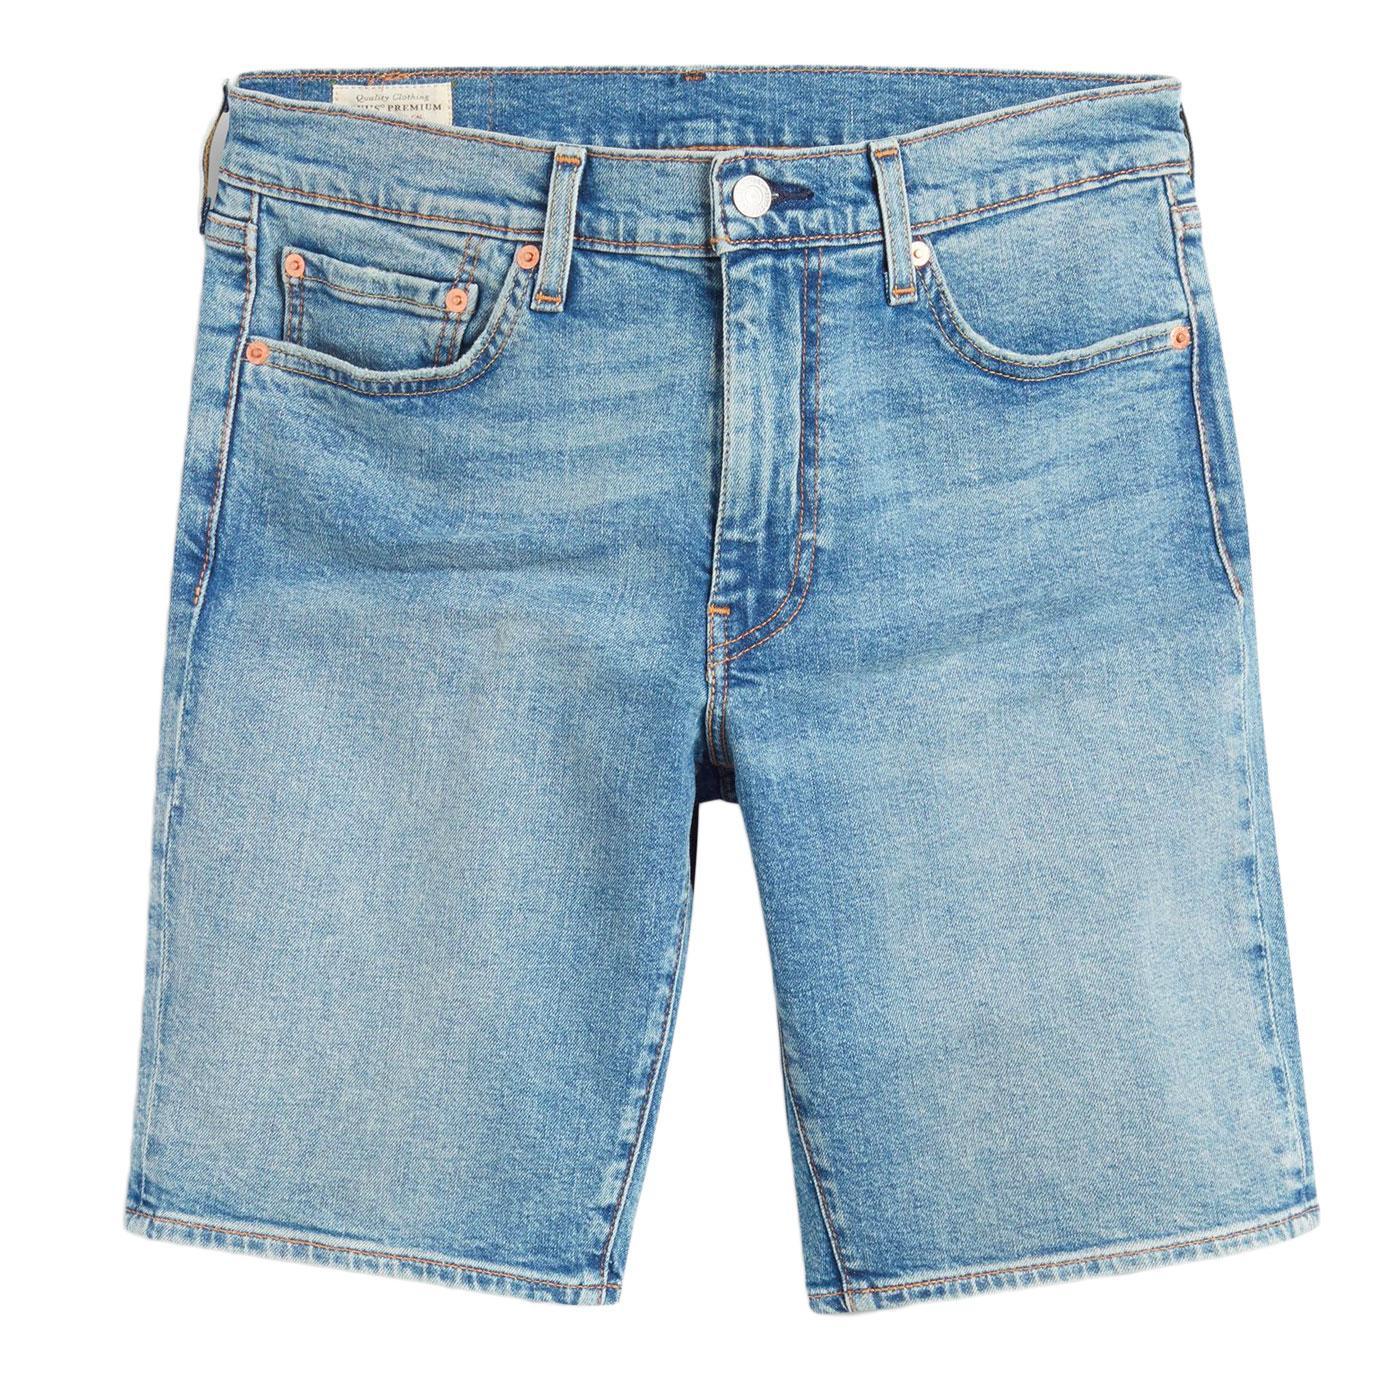 LEVI'S 511 Slim Hemmed Denim Shorts BAGUETTE SHORT